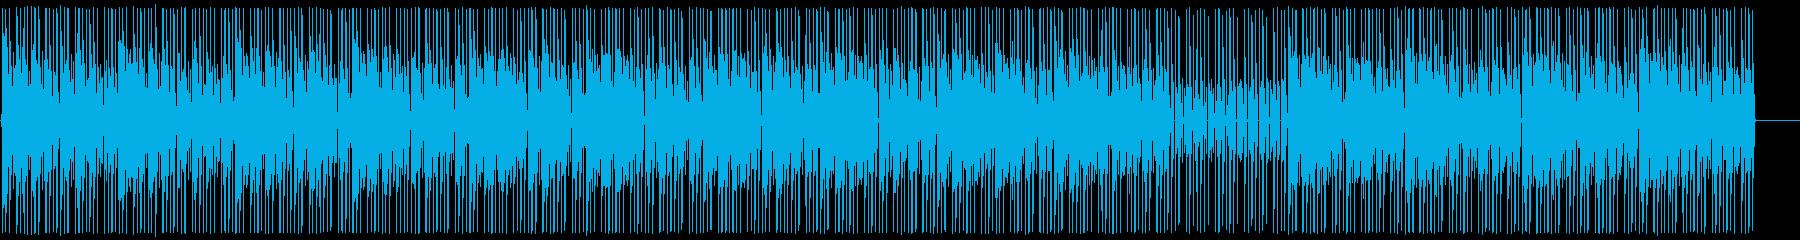 ヒップホップ/シンプル・王道/ギター/4の再生済みの波形